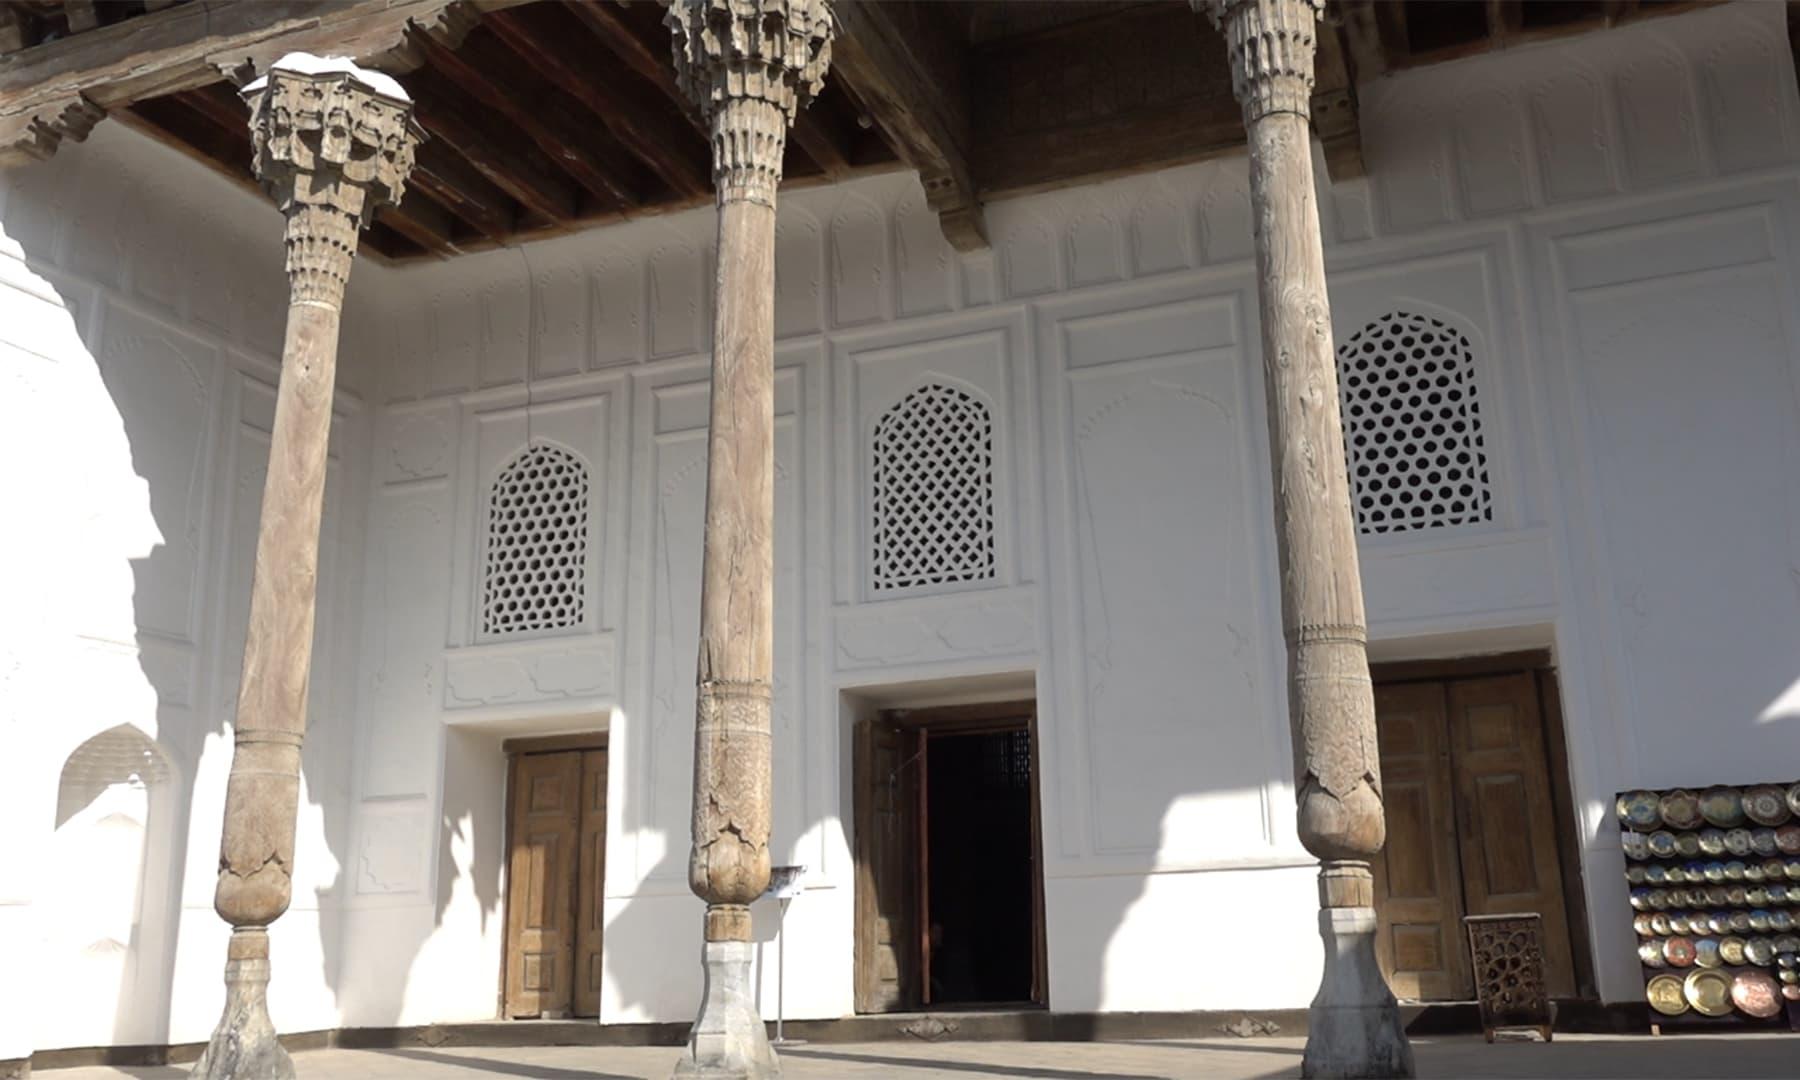 یہاں سے ہم نے سڑک پار کی اور قلعے کے بالکل سامنے 'بولو حوض مسجد' پہنچ گئے